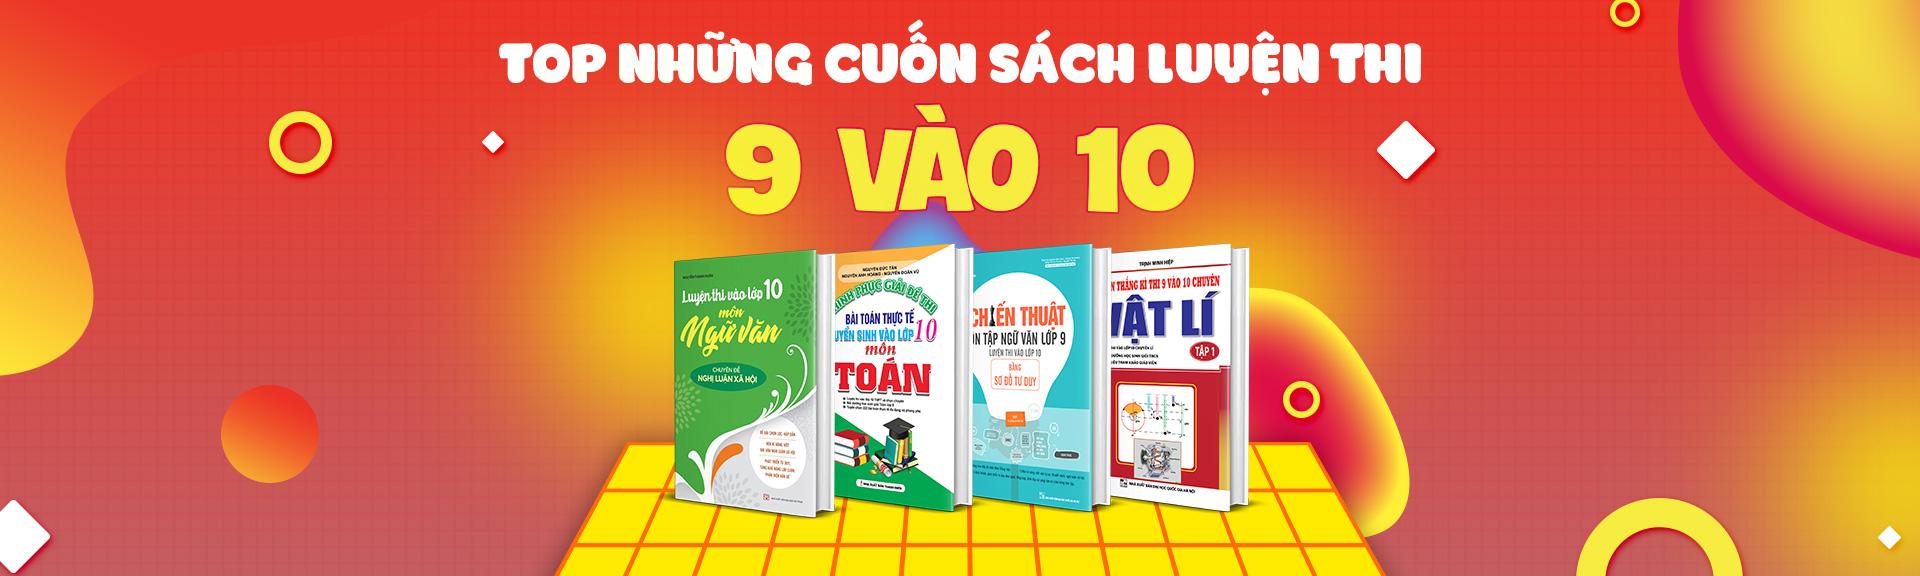 Top Những Cuốn Sách Ôn Luyện Thi Vào 10 Bán Chạy Nhất Newshop.vn